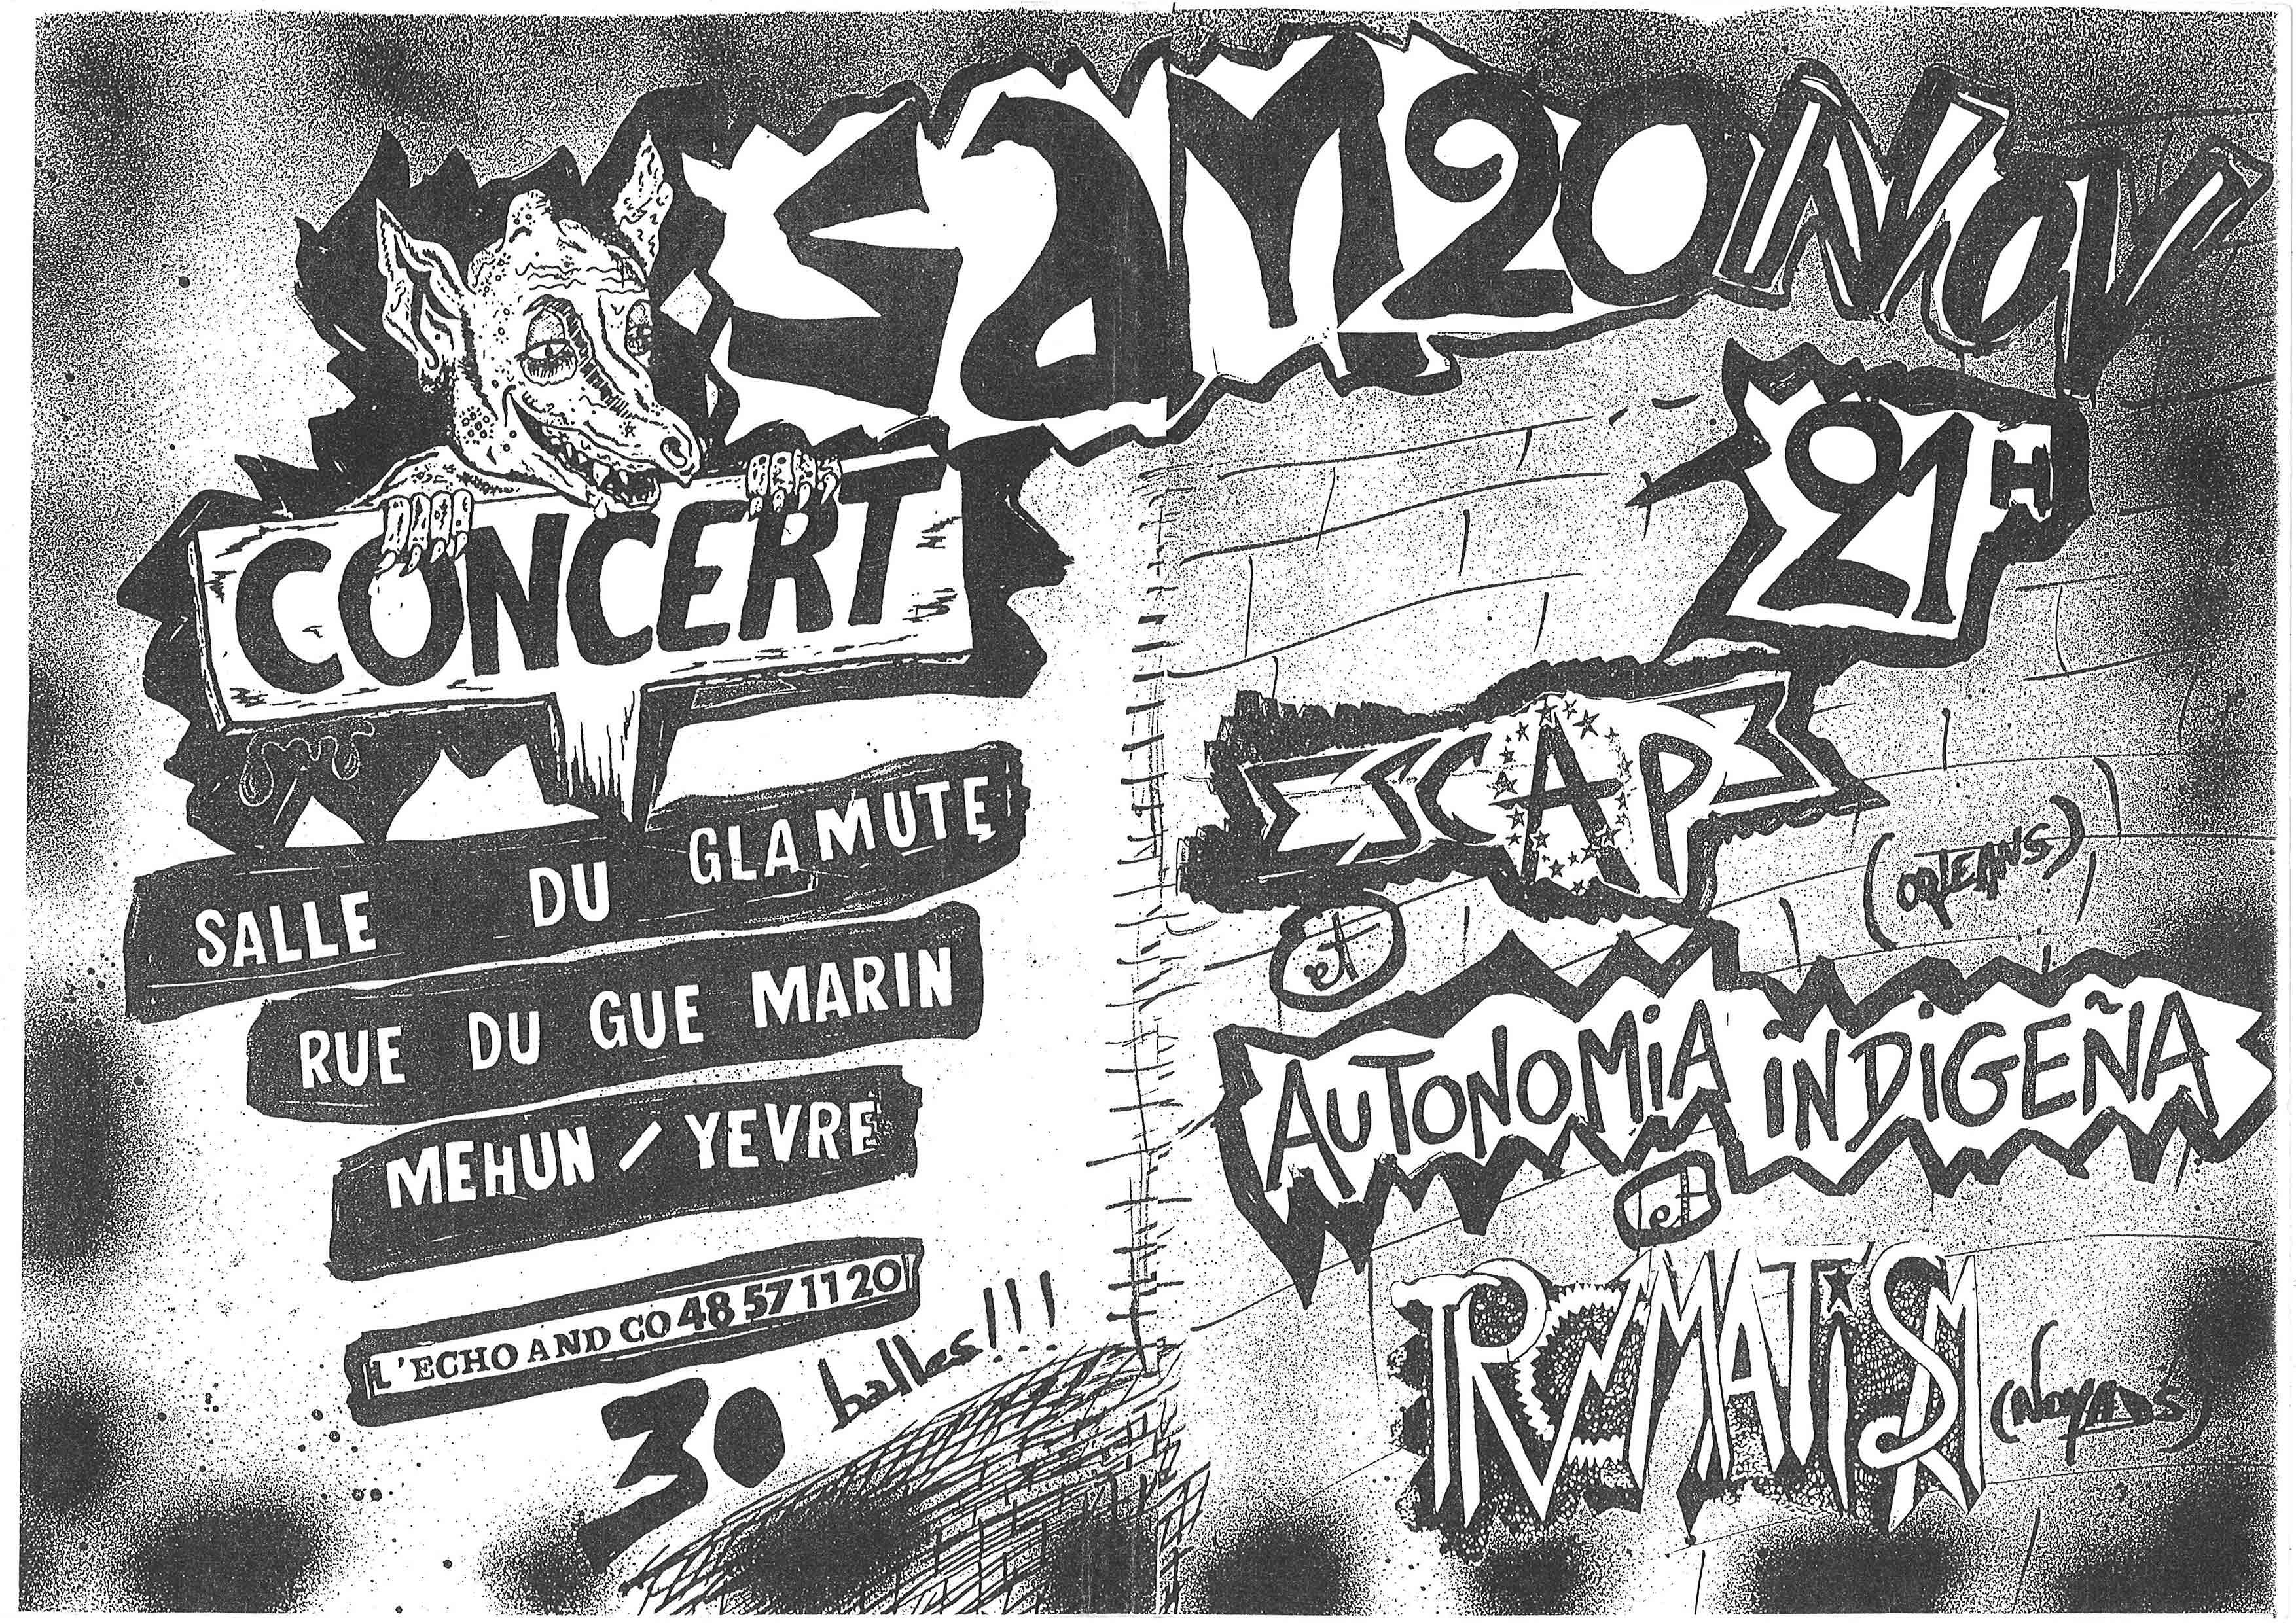 """20 novembre 1993 Escape, Autonomia Indigena, Tromatism à Mehun sur Yevre """"Salle du Glamute"""""""